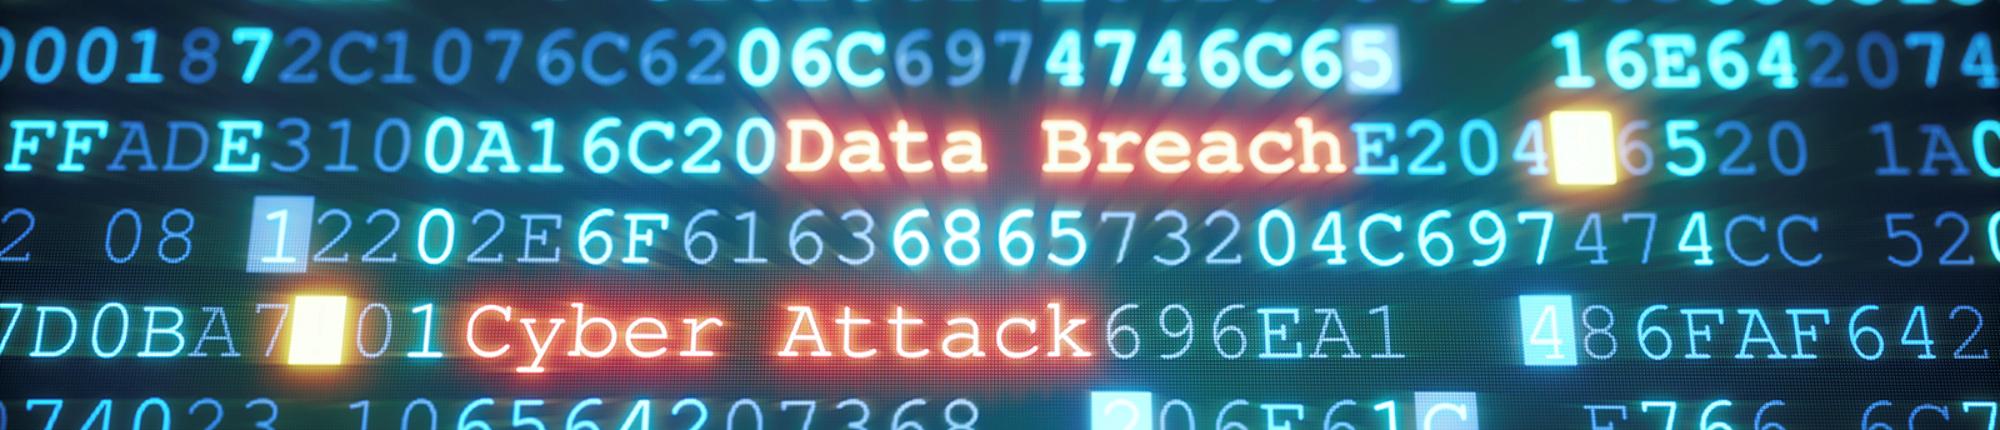 How to hack your bank: begin bij jezelf